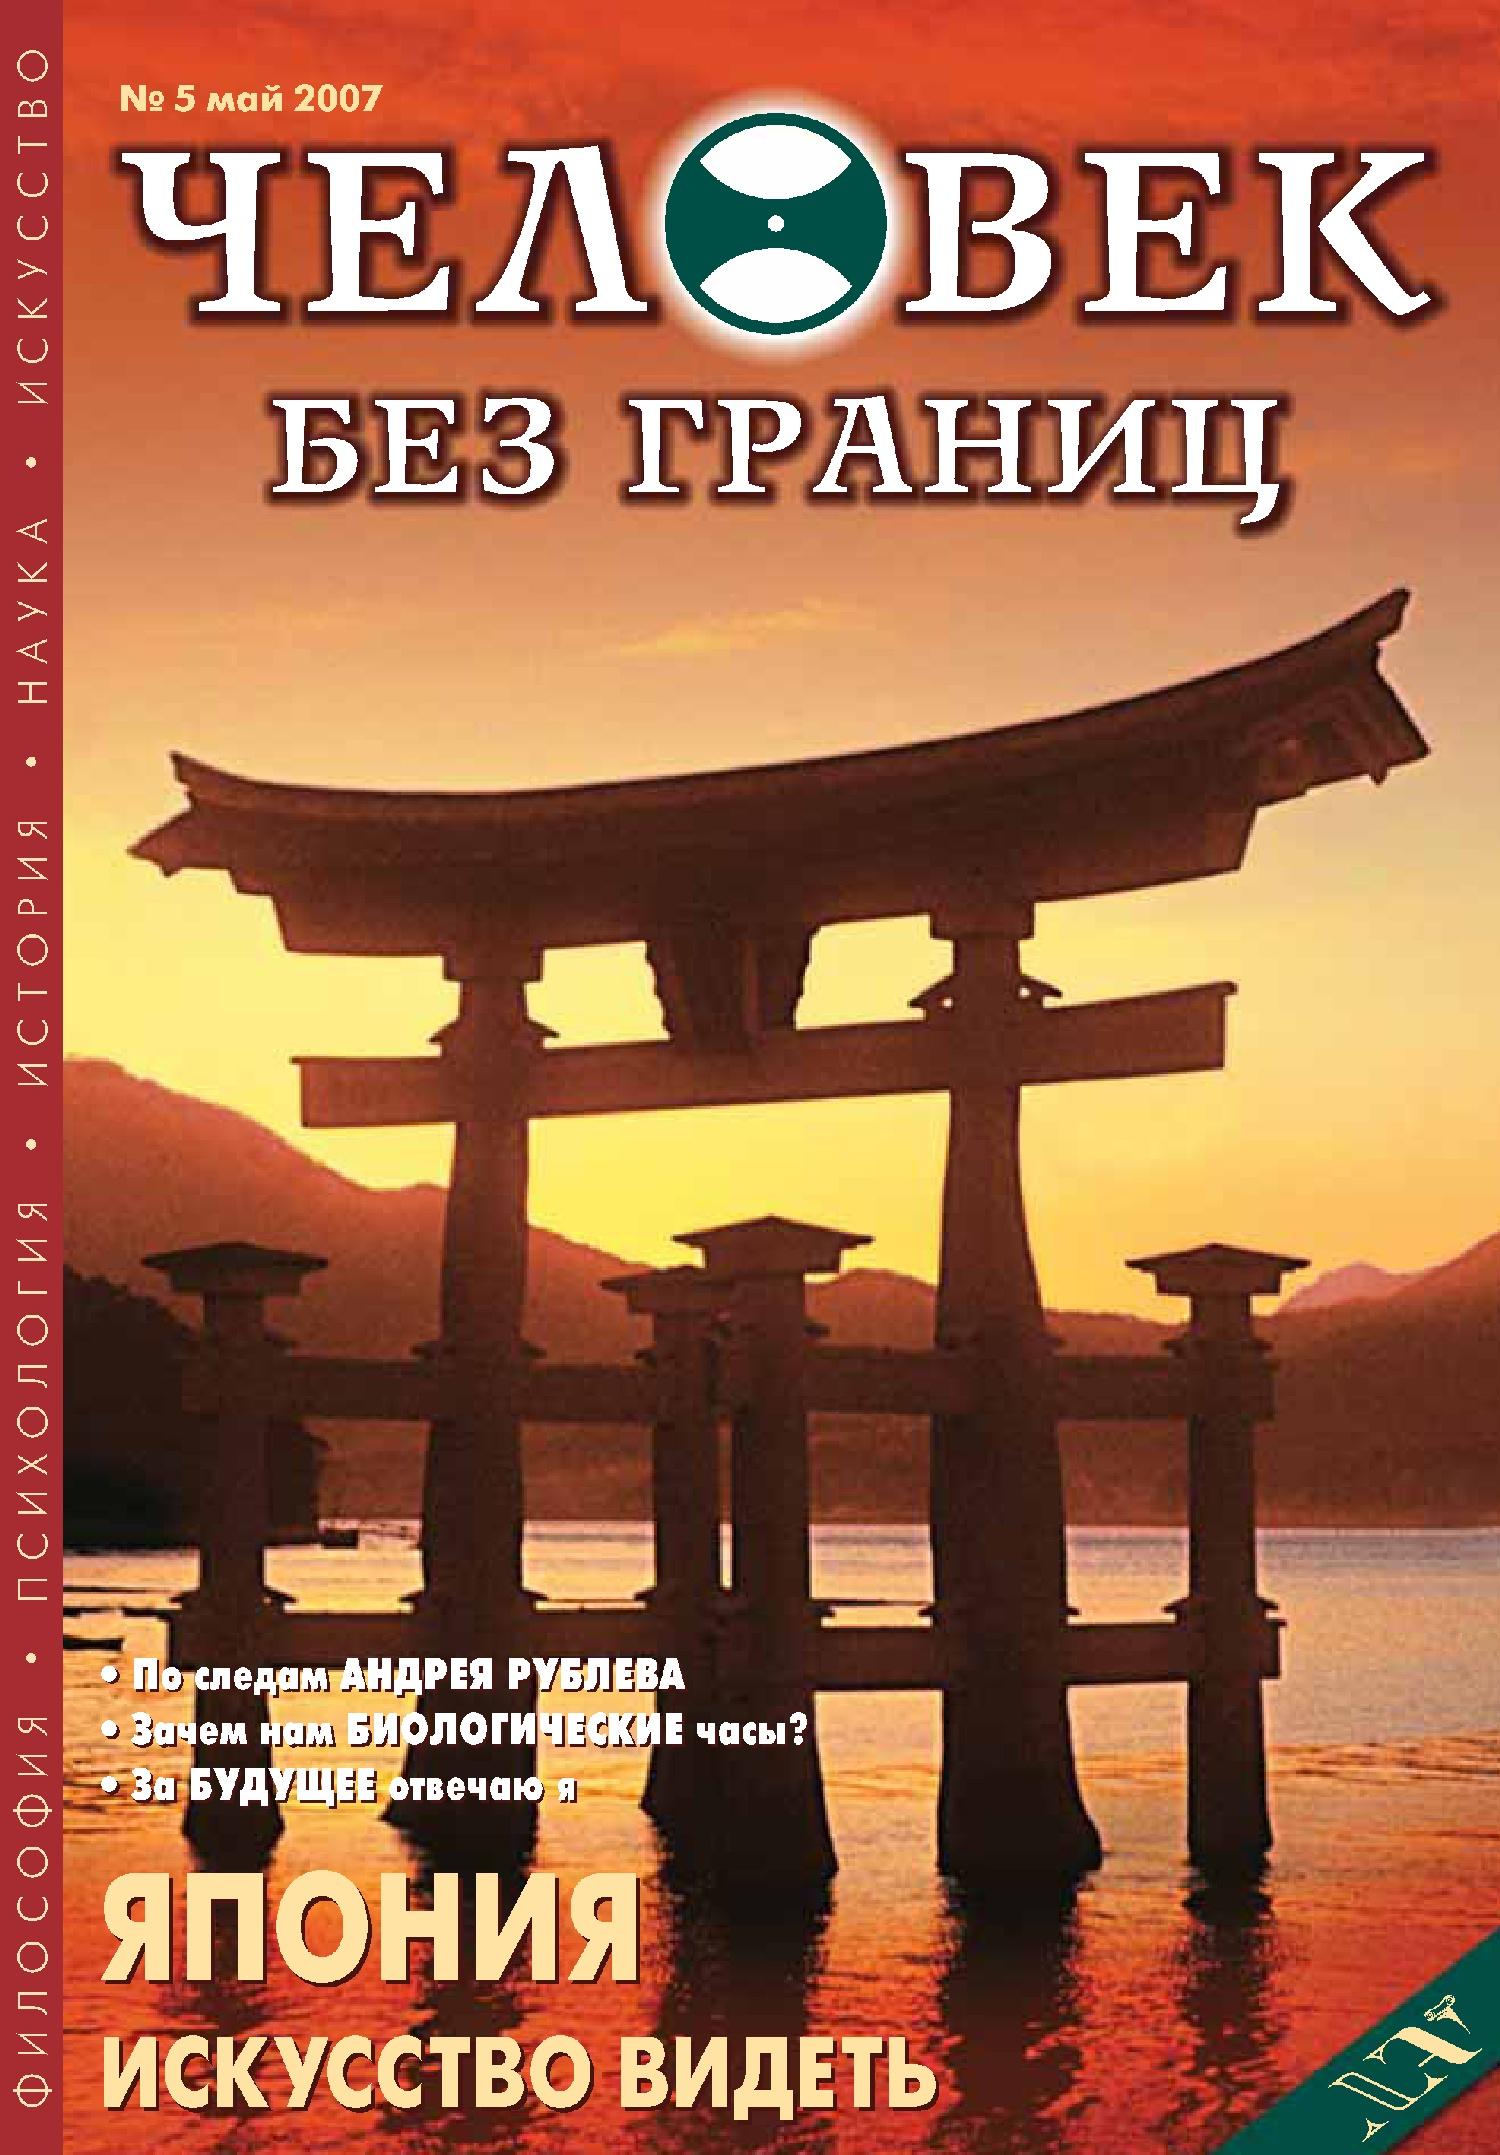 Отсутствует Журнал «Человек без границ» №5 (18) 2007 отсутствует журнал человек без границ 2 03 2006